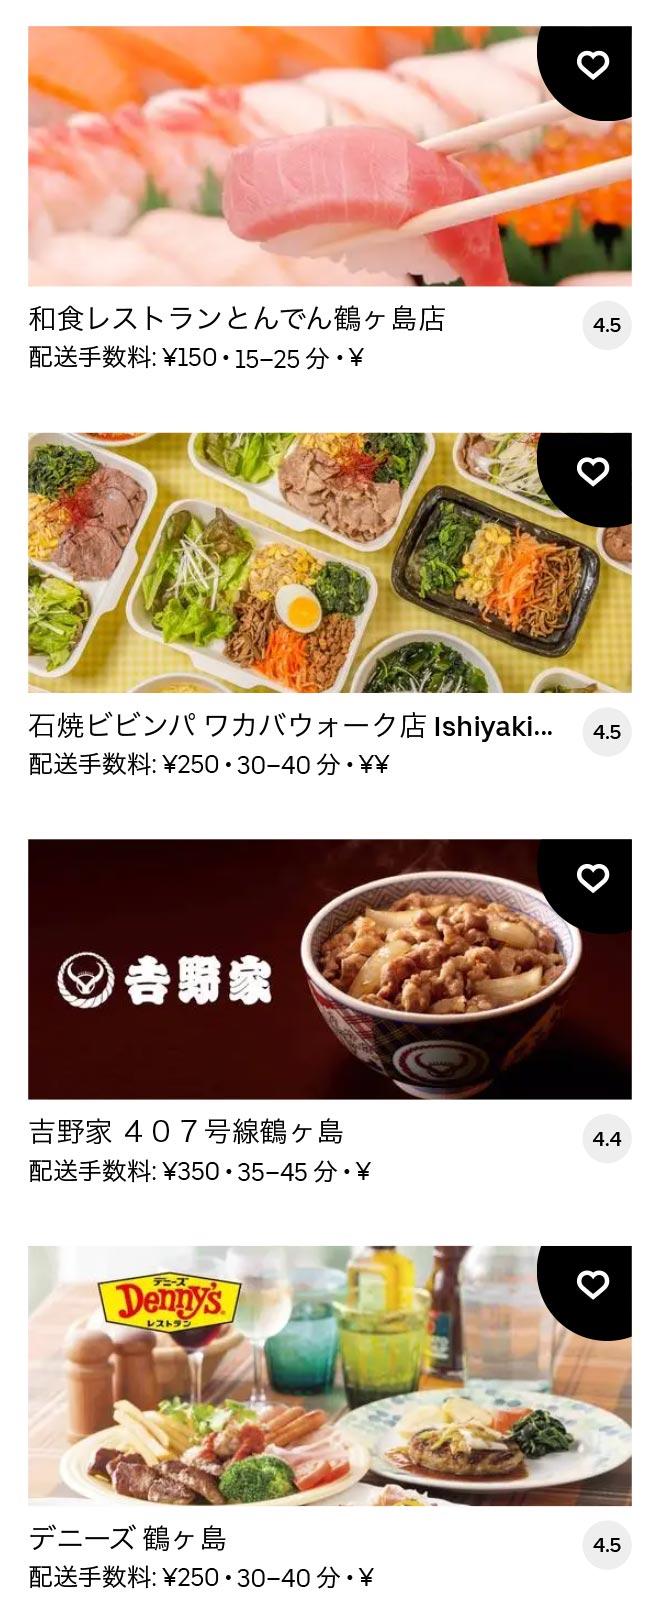 Tsurugashima menu 2101 04